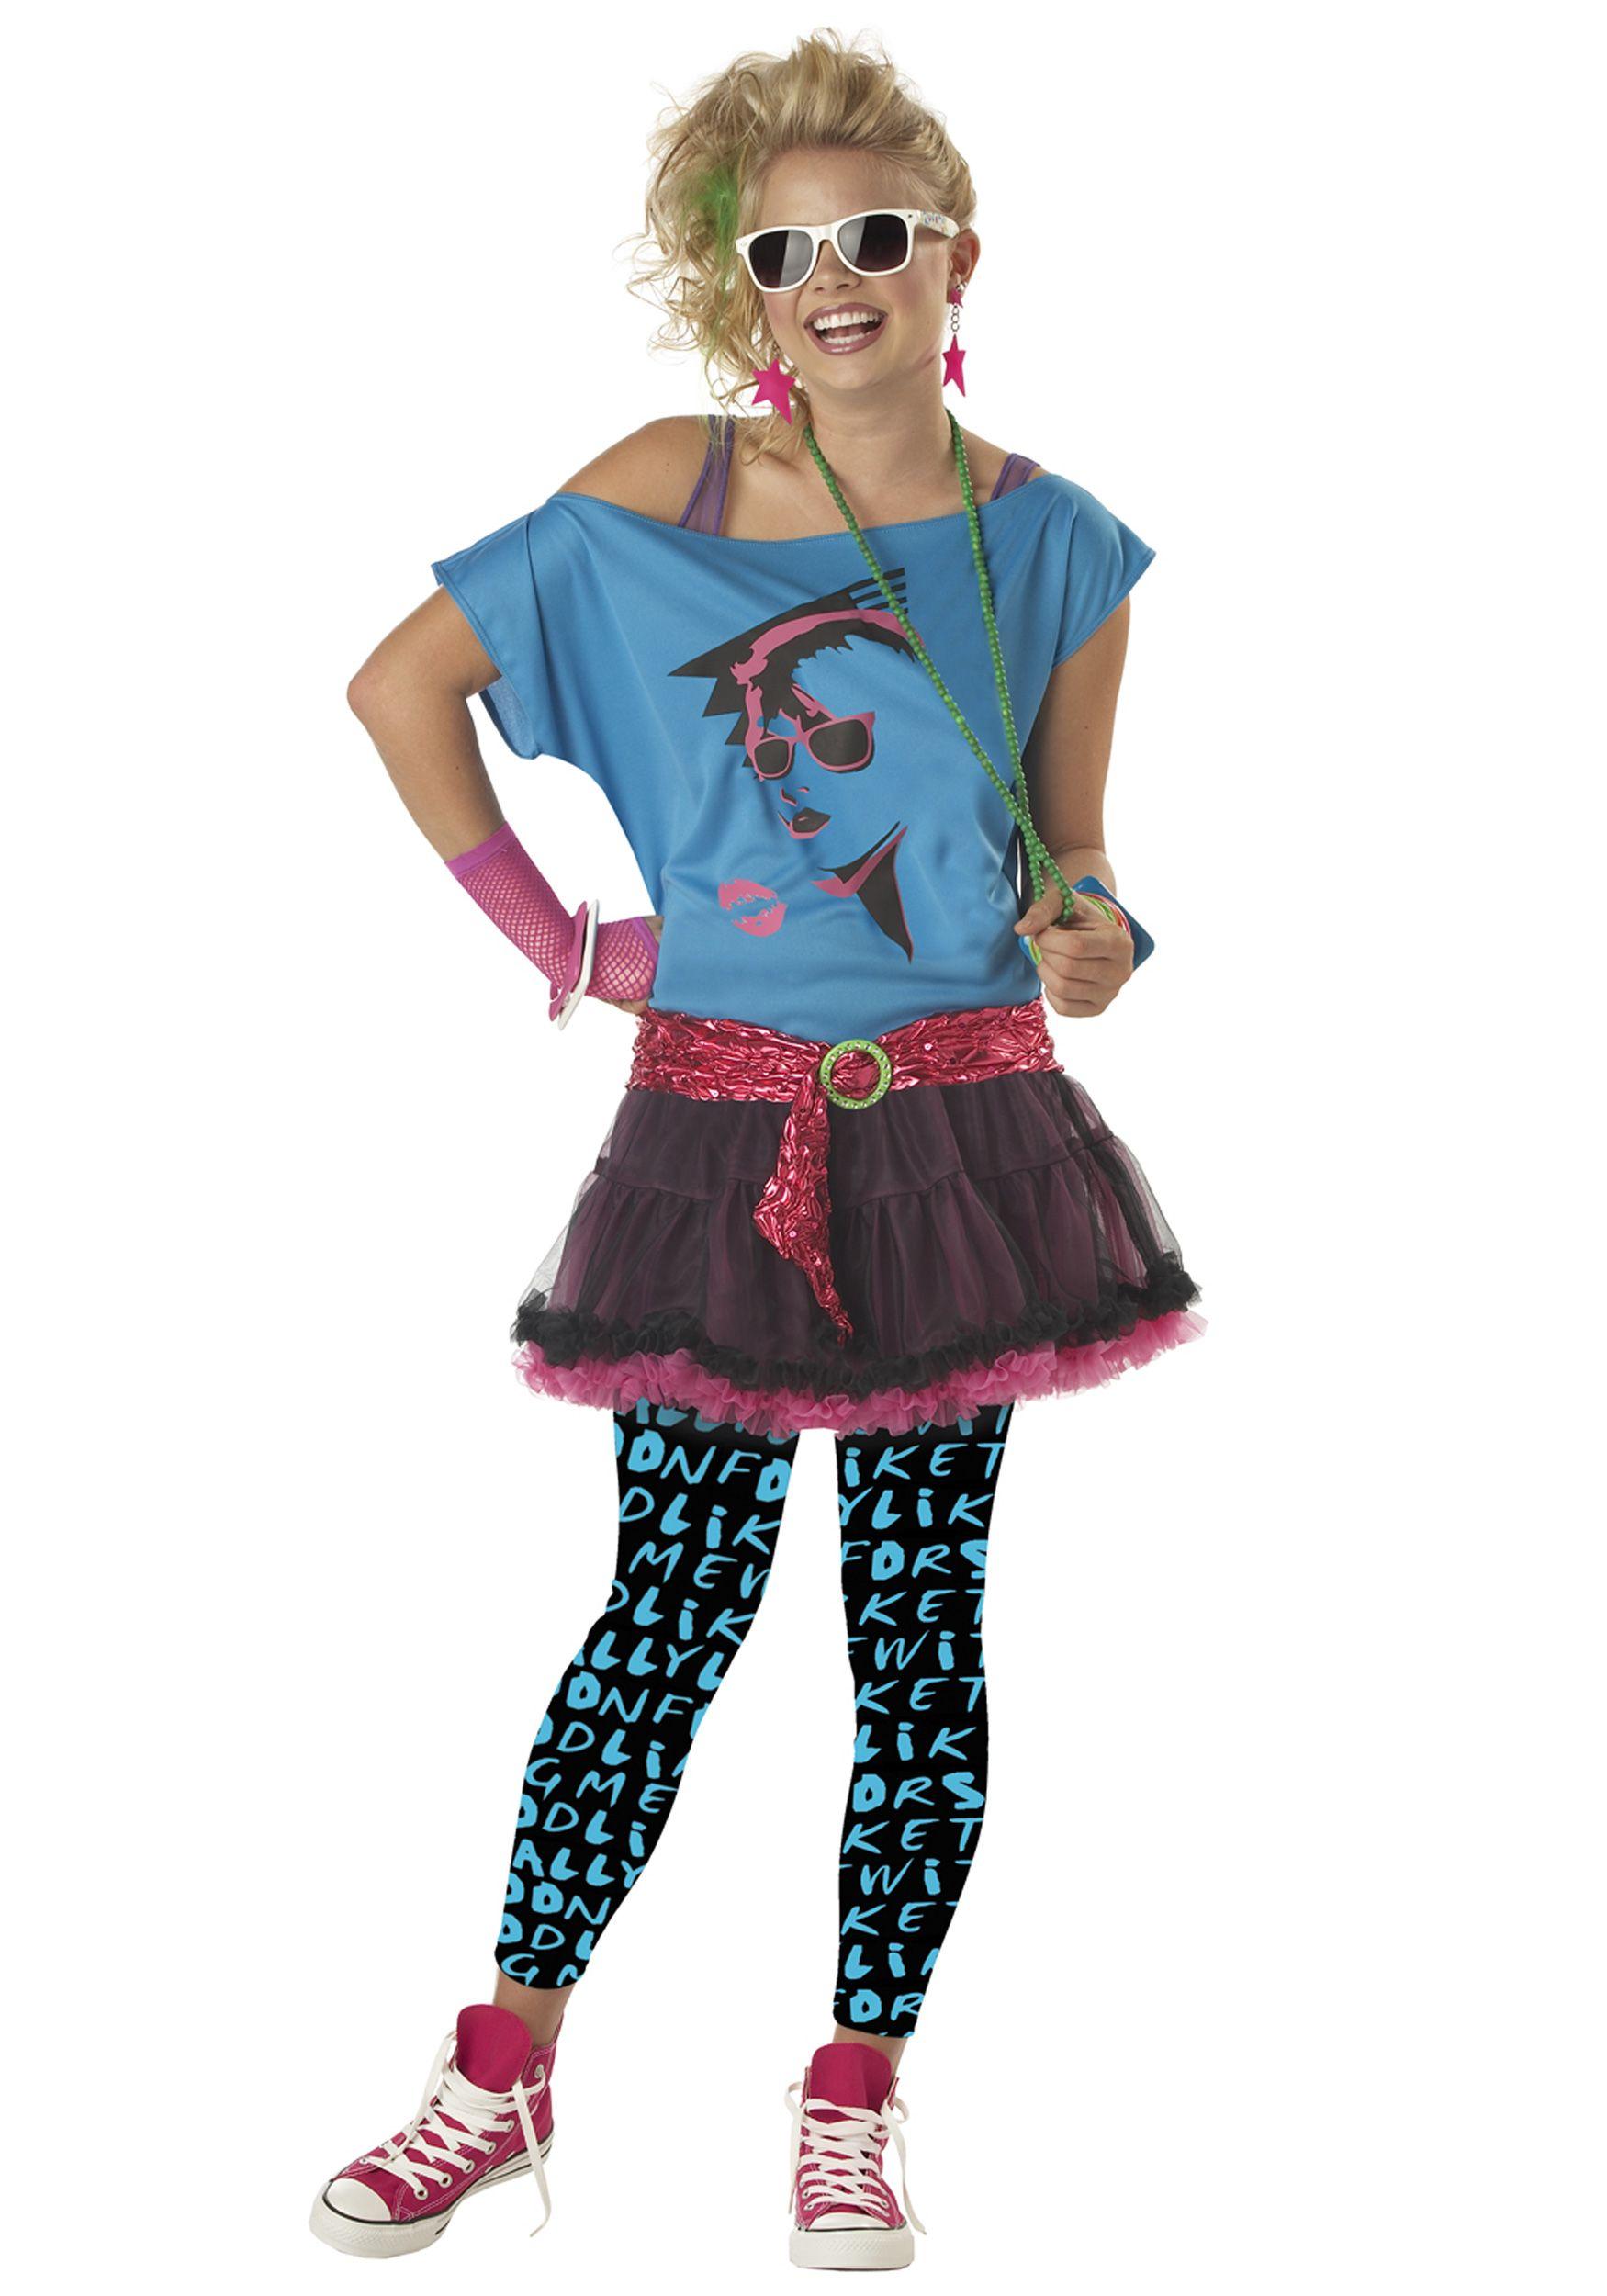 80s Costume Adult Valley Girl Halloween Fancy Dress